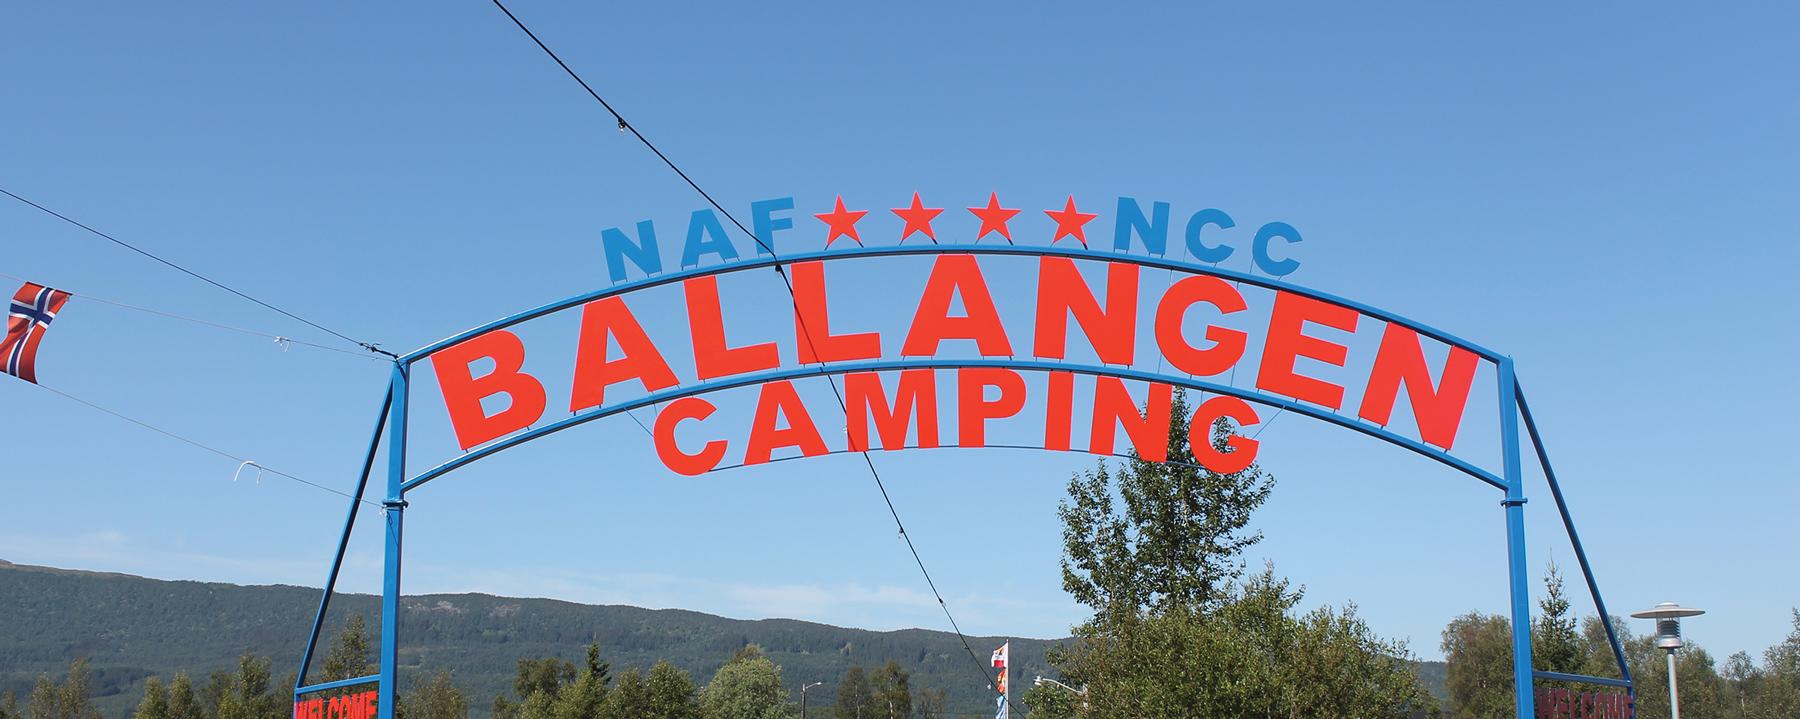 Ballangen Camping